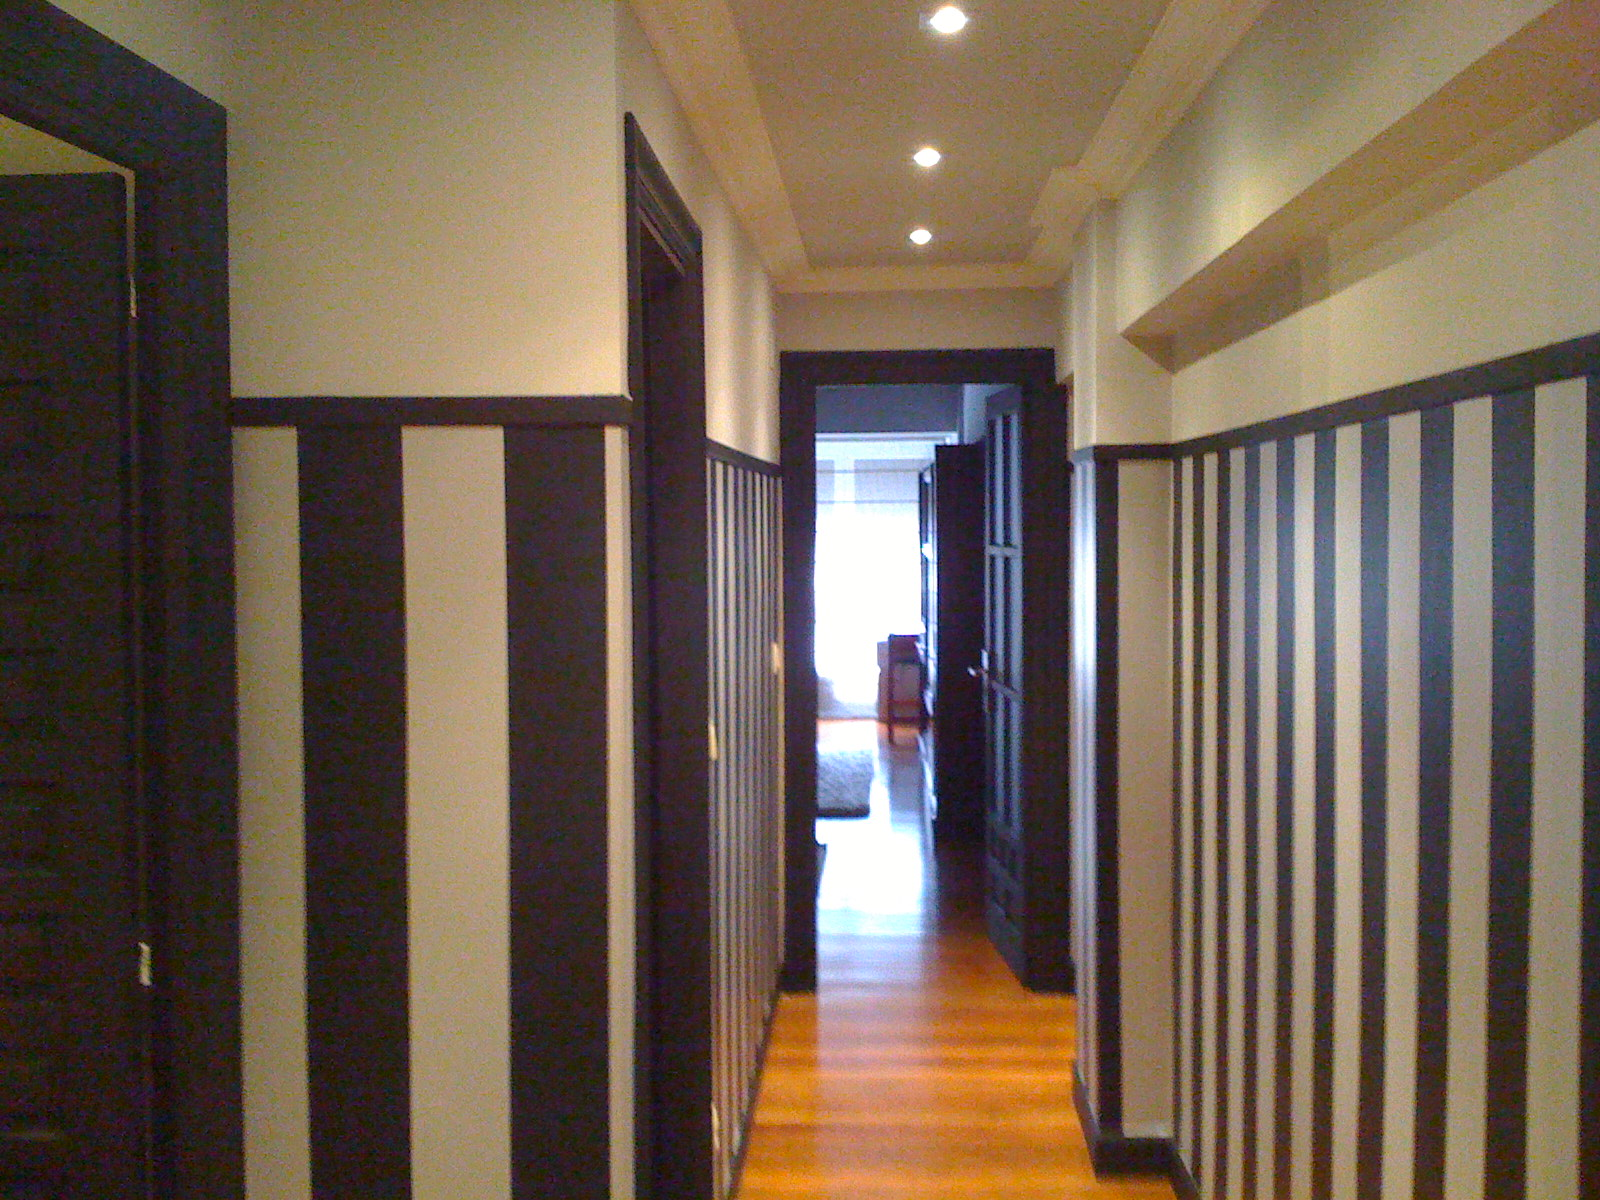 Recikla arte ampliando visualmente el pasillo con papel - Papel pared rayas verticales ...